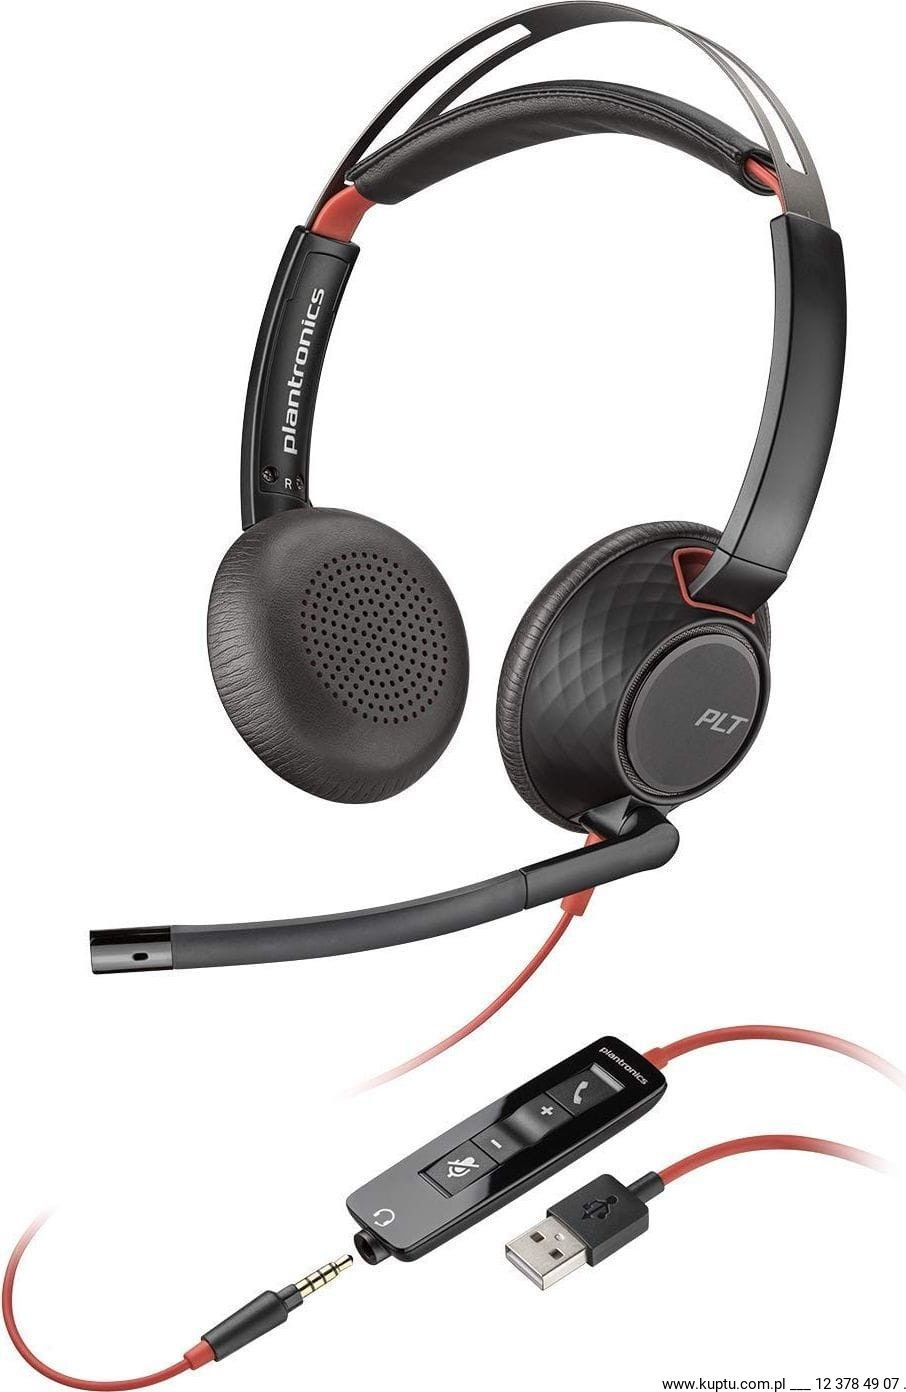 Blackwire 5220 przewodowy zestaw słuchawkowy USB A (207576-01)